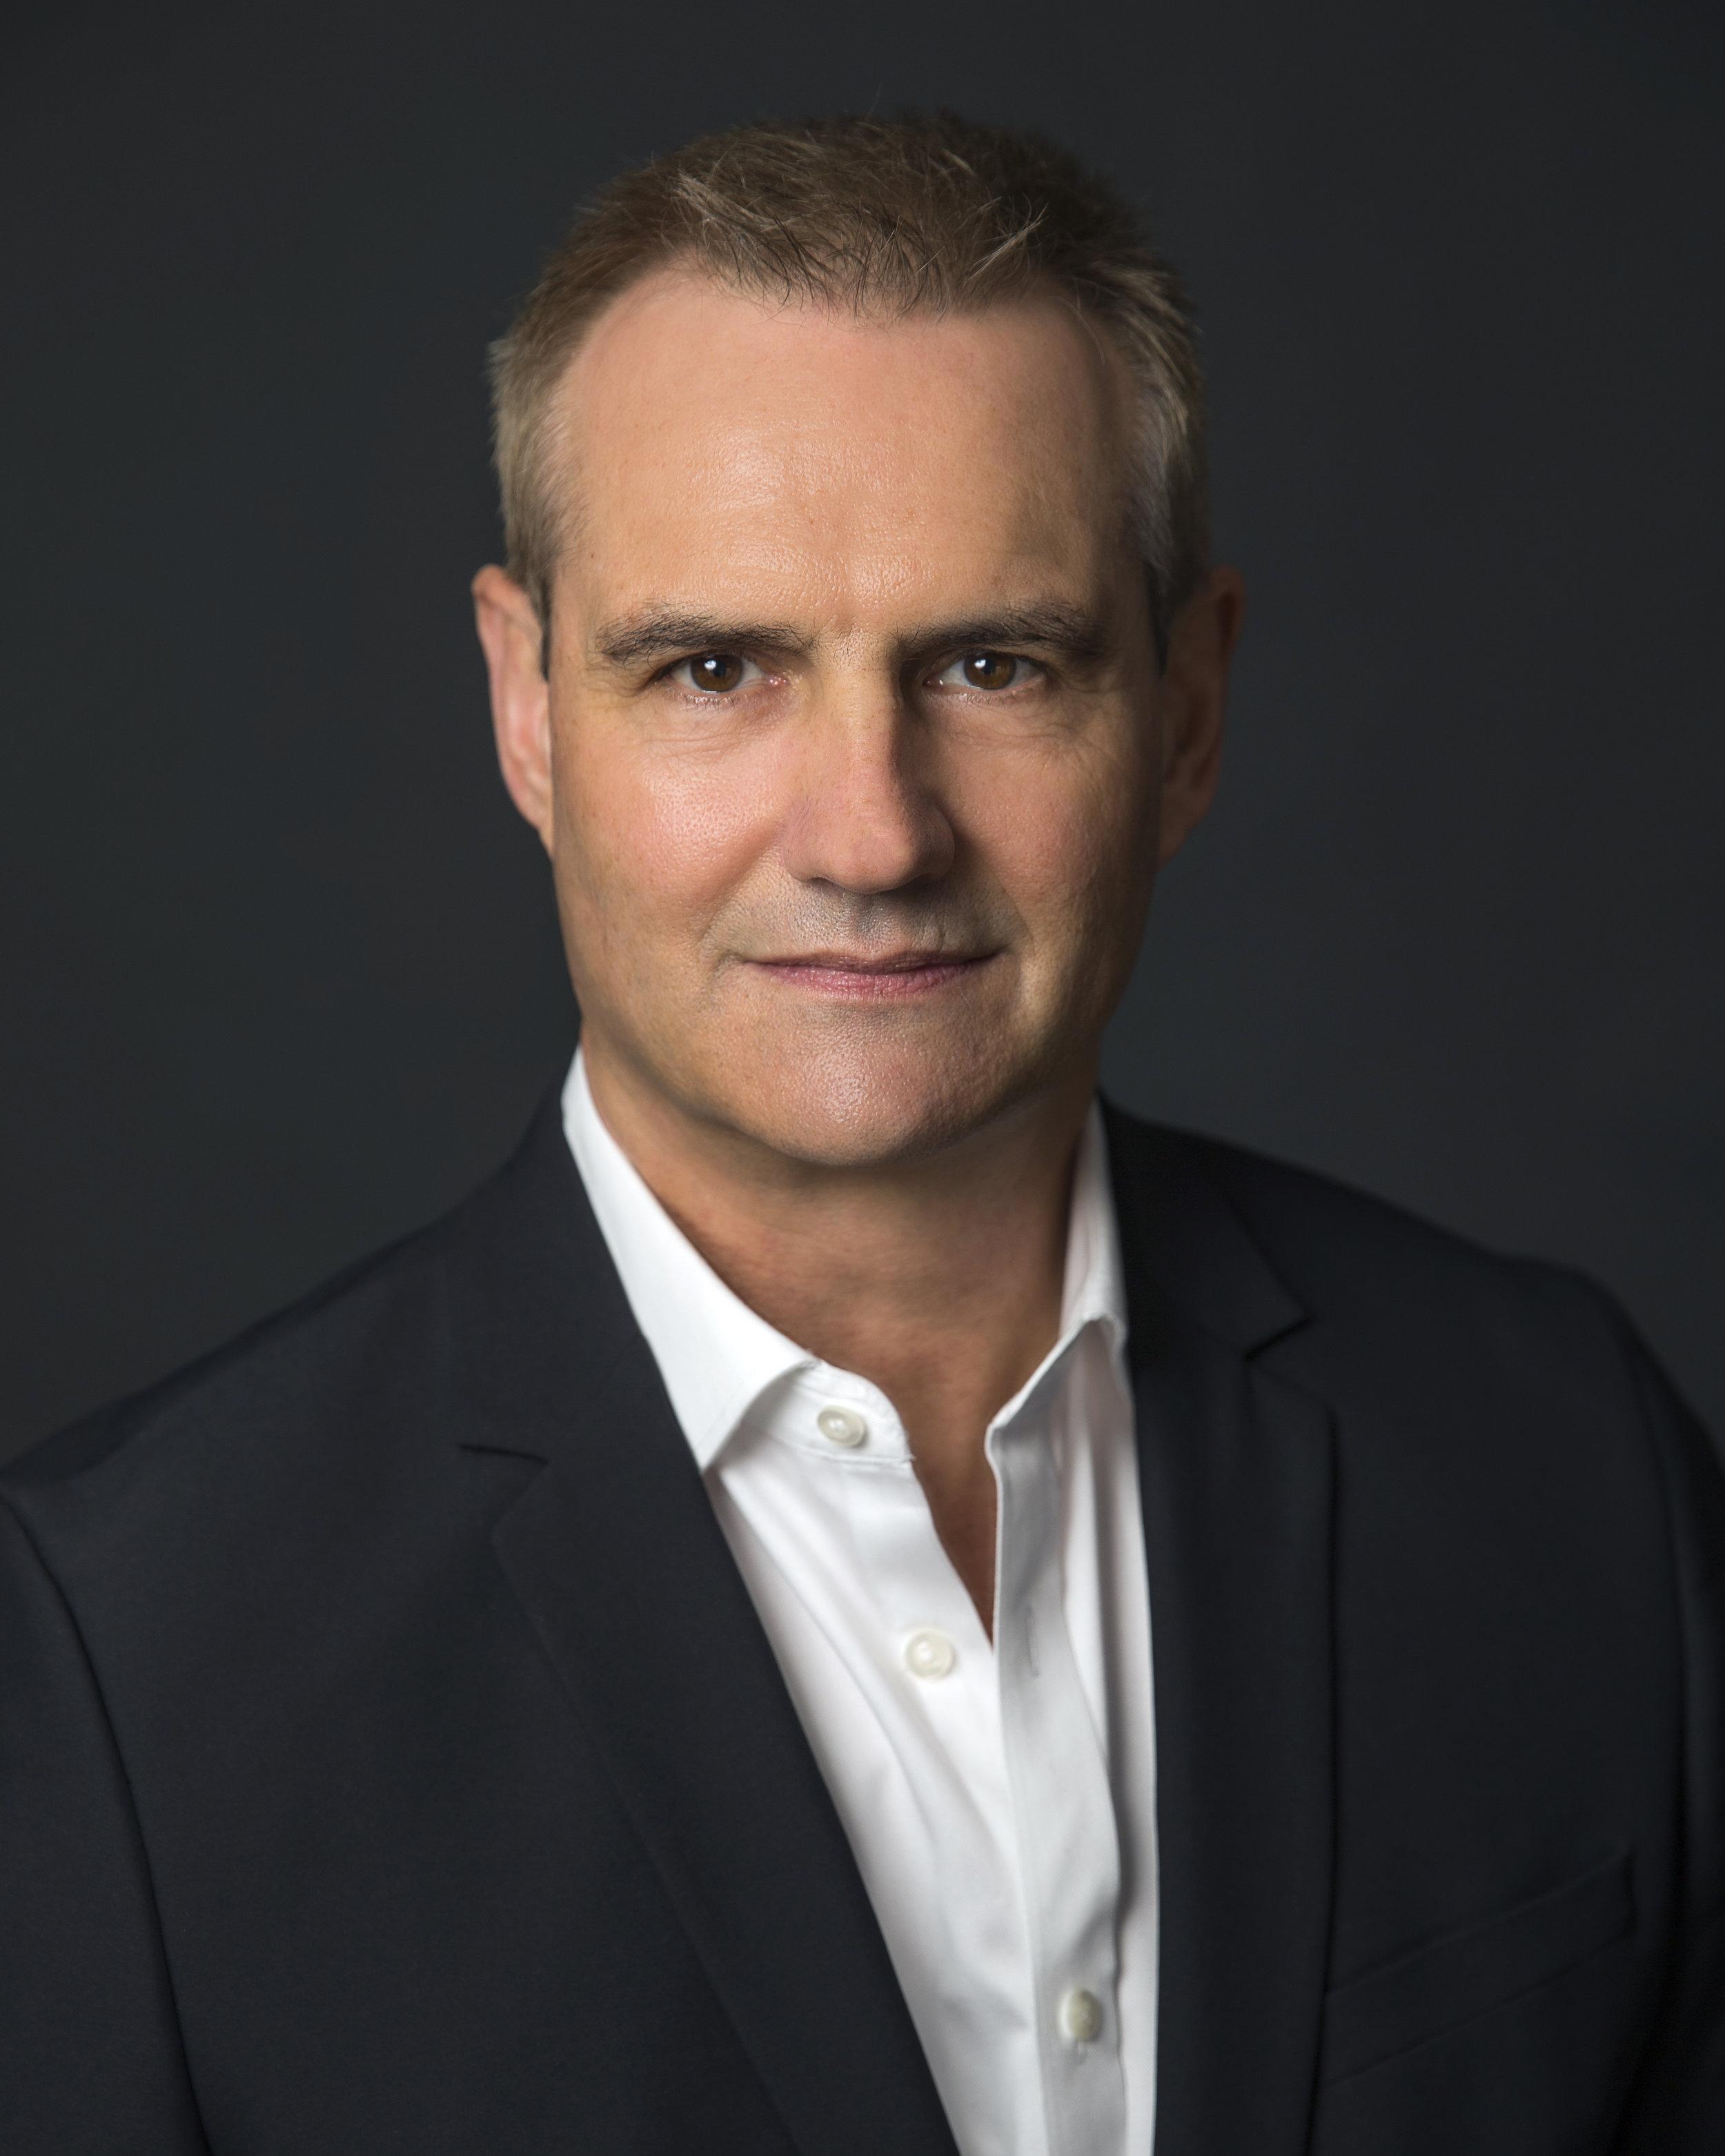 Jim Harding - Property Owner/Director